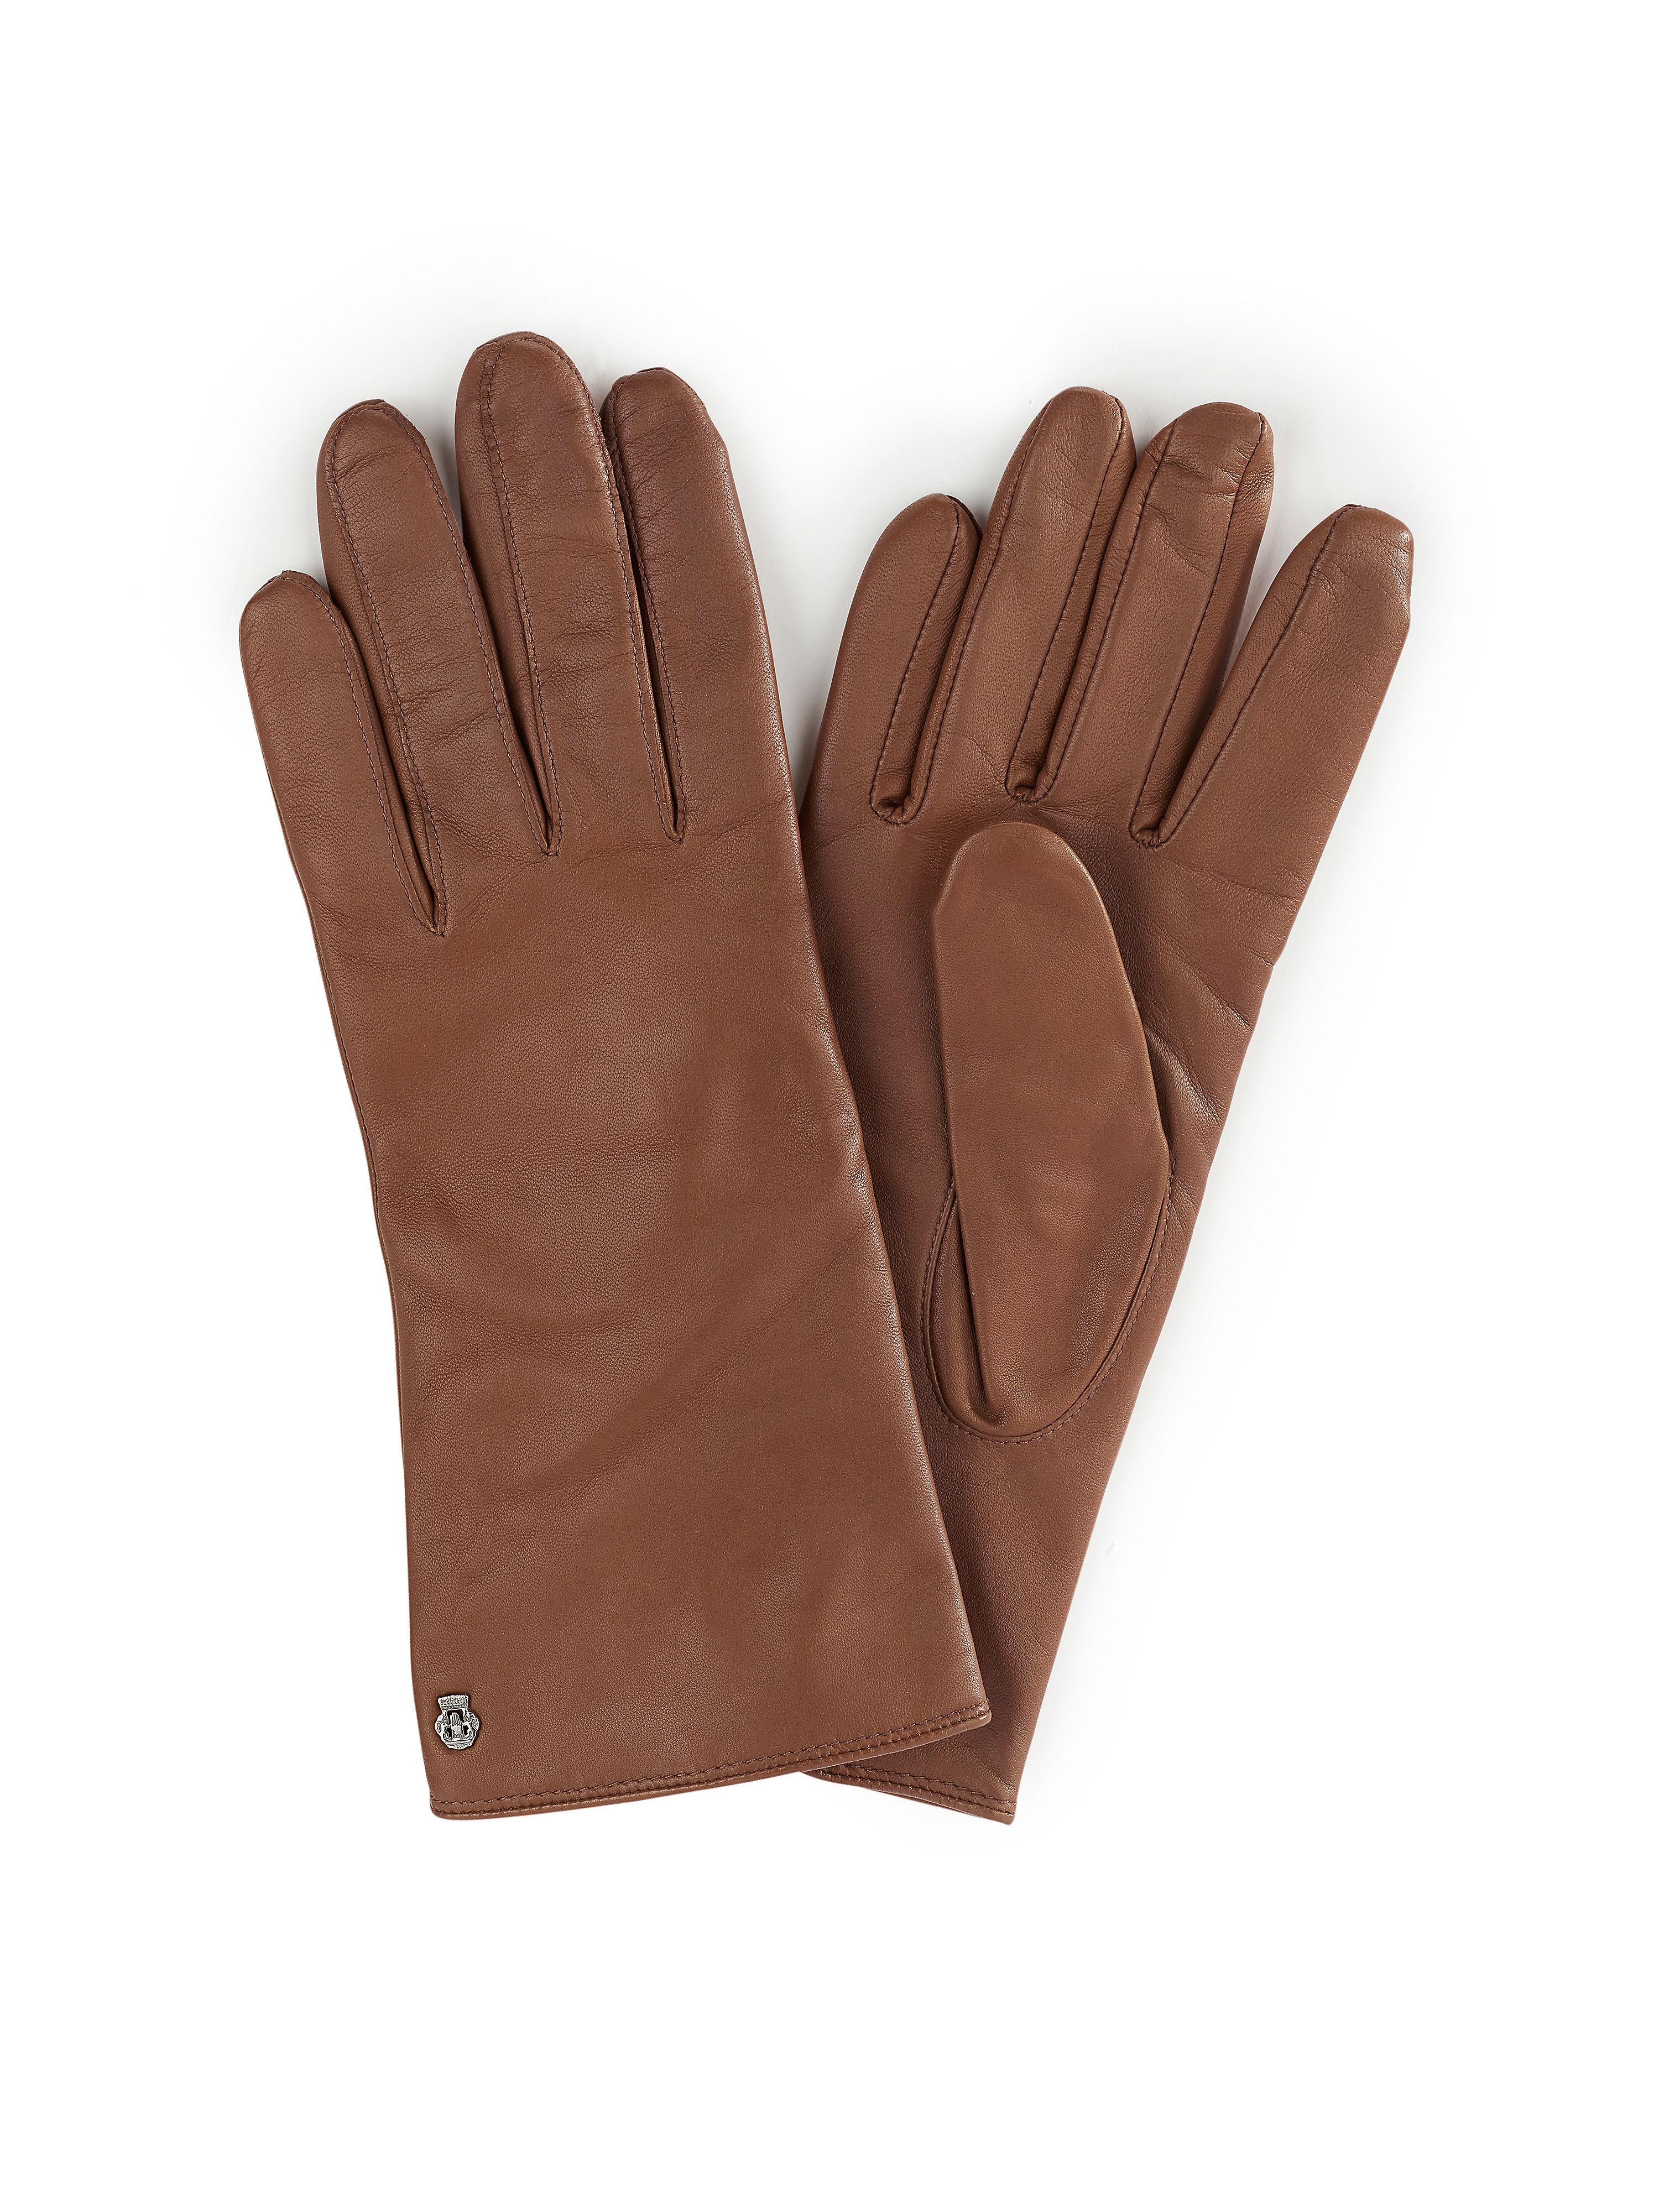 Handschoenen Van Roeckl bruin